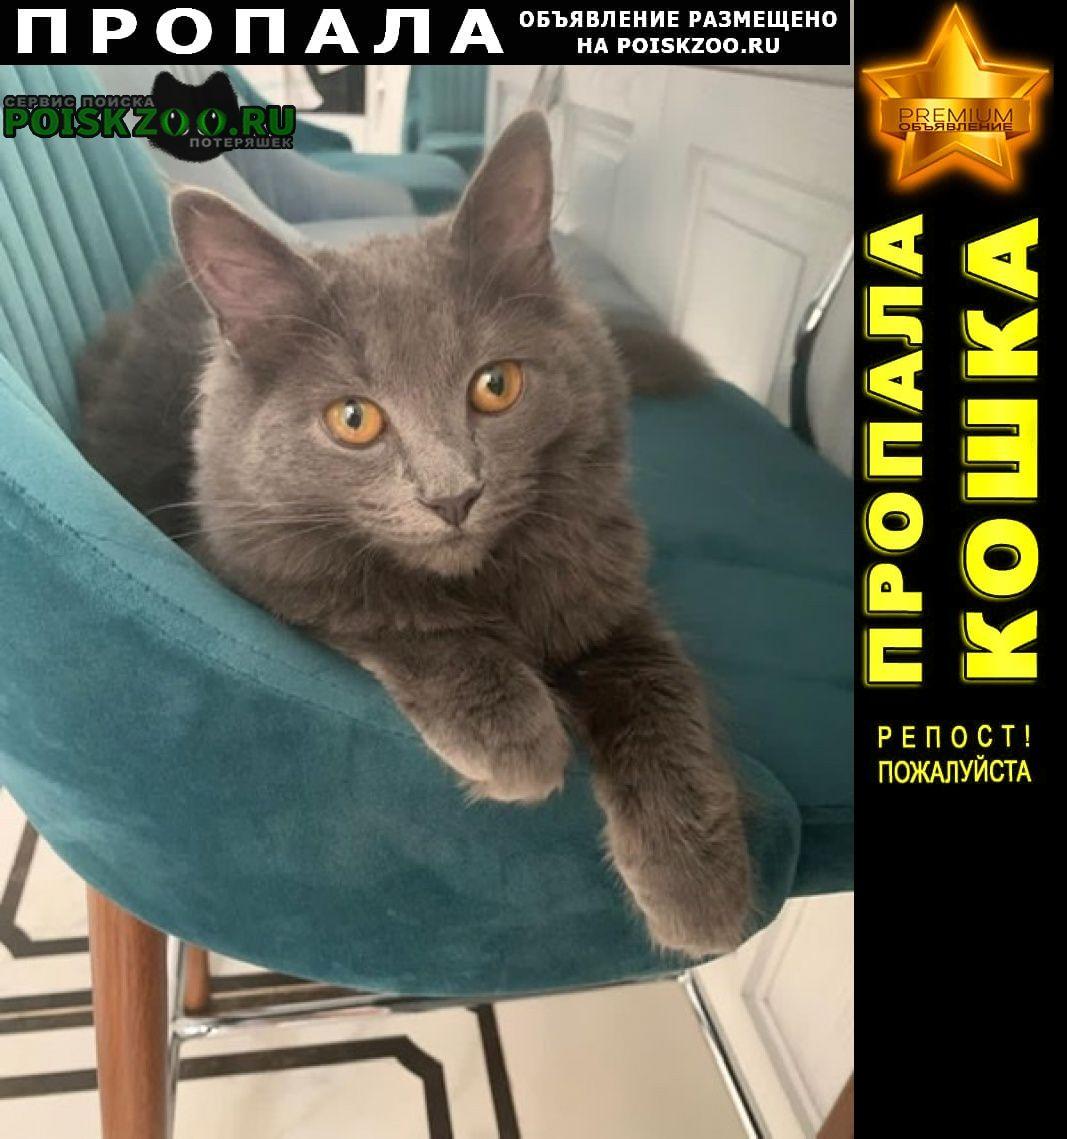 Пропала кошка русская голубая. Москва